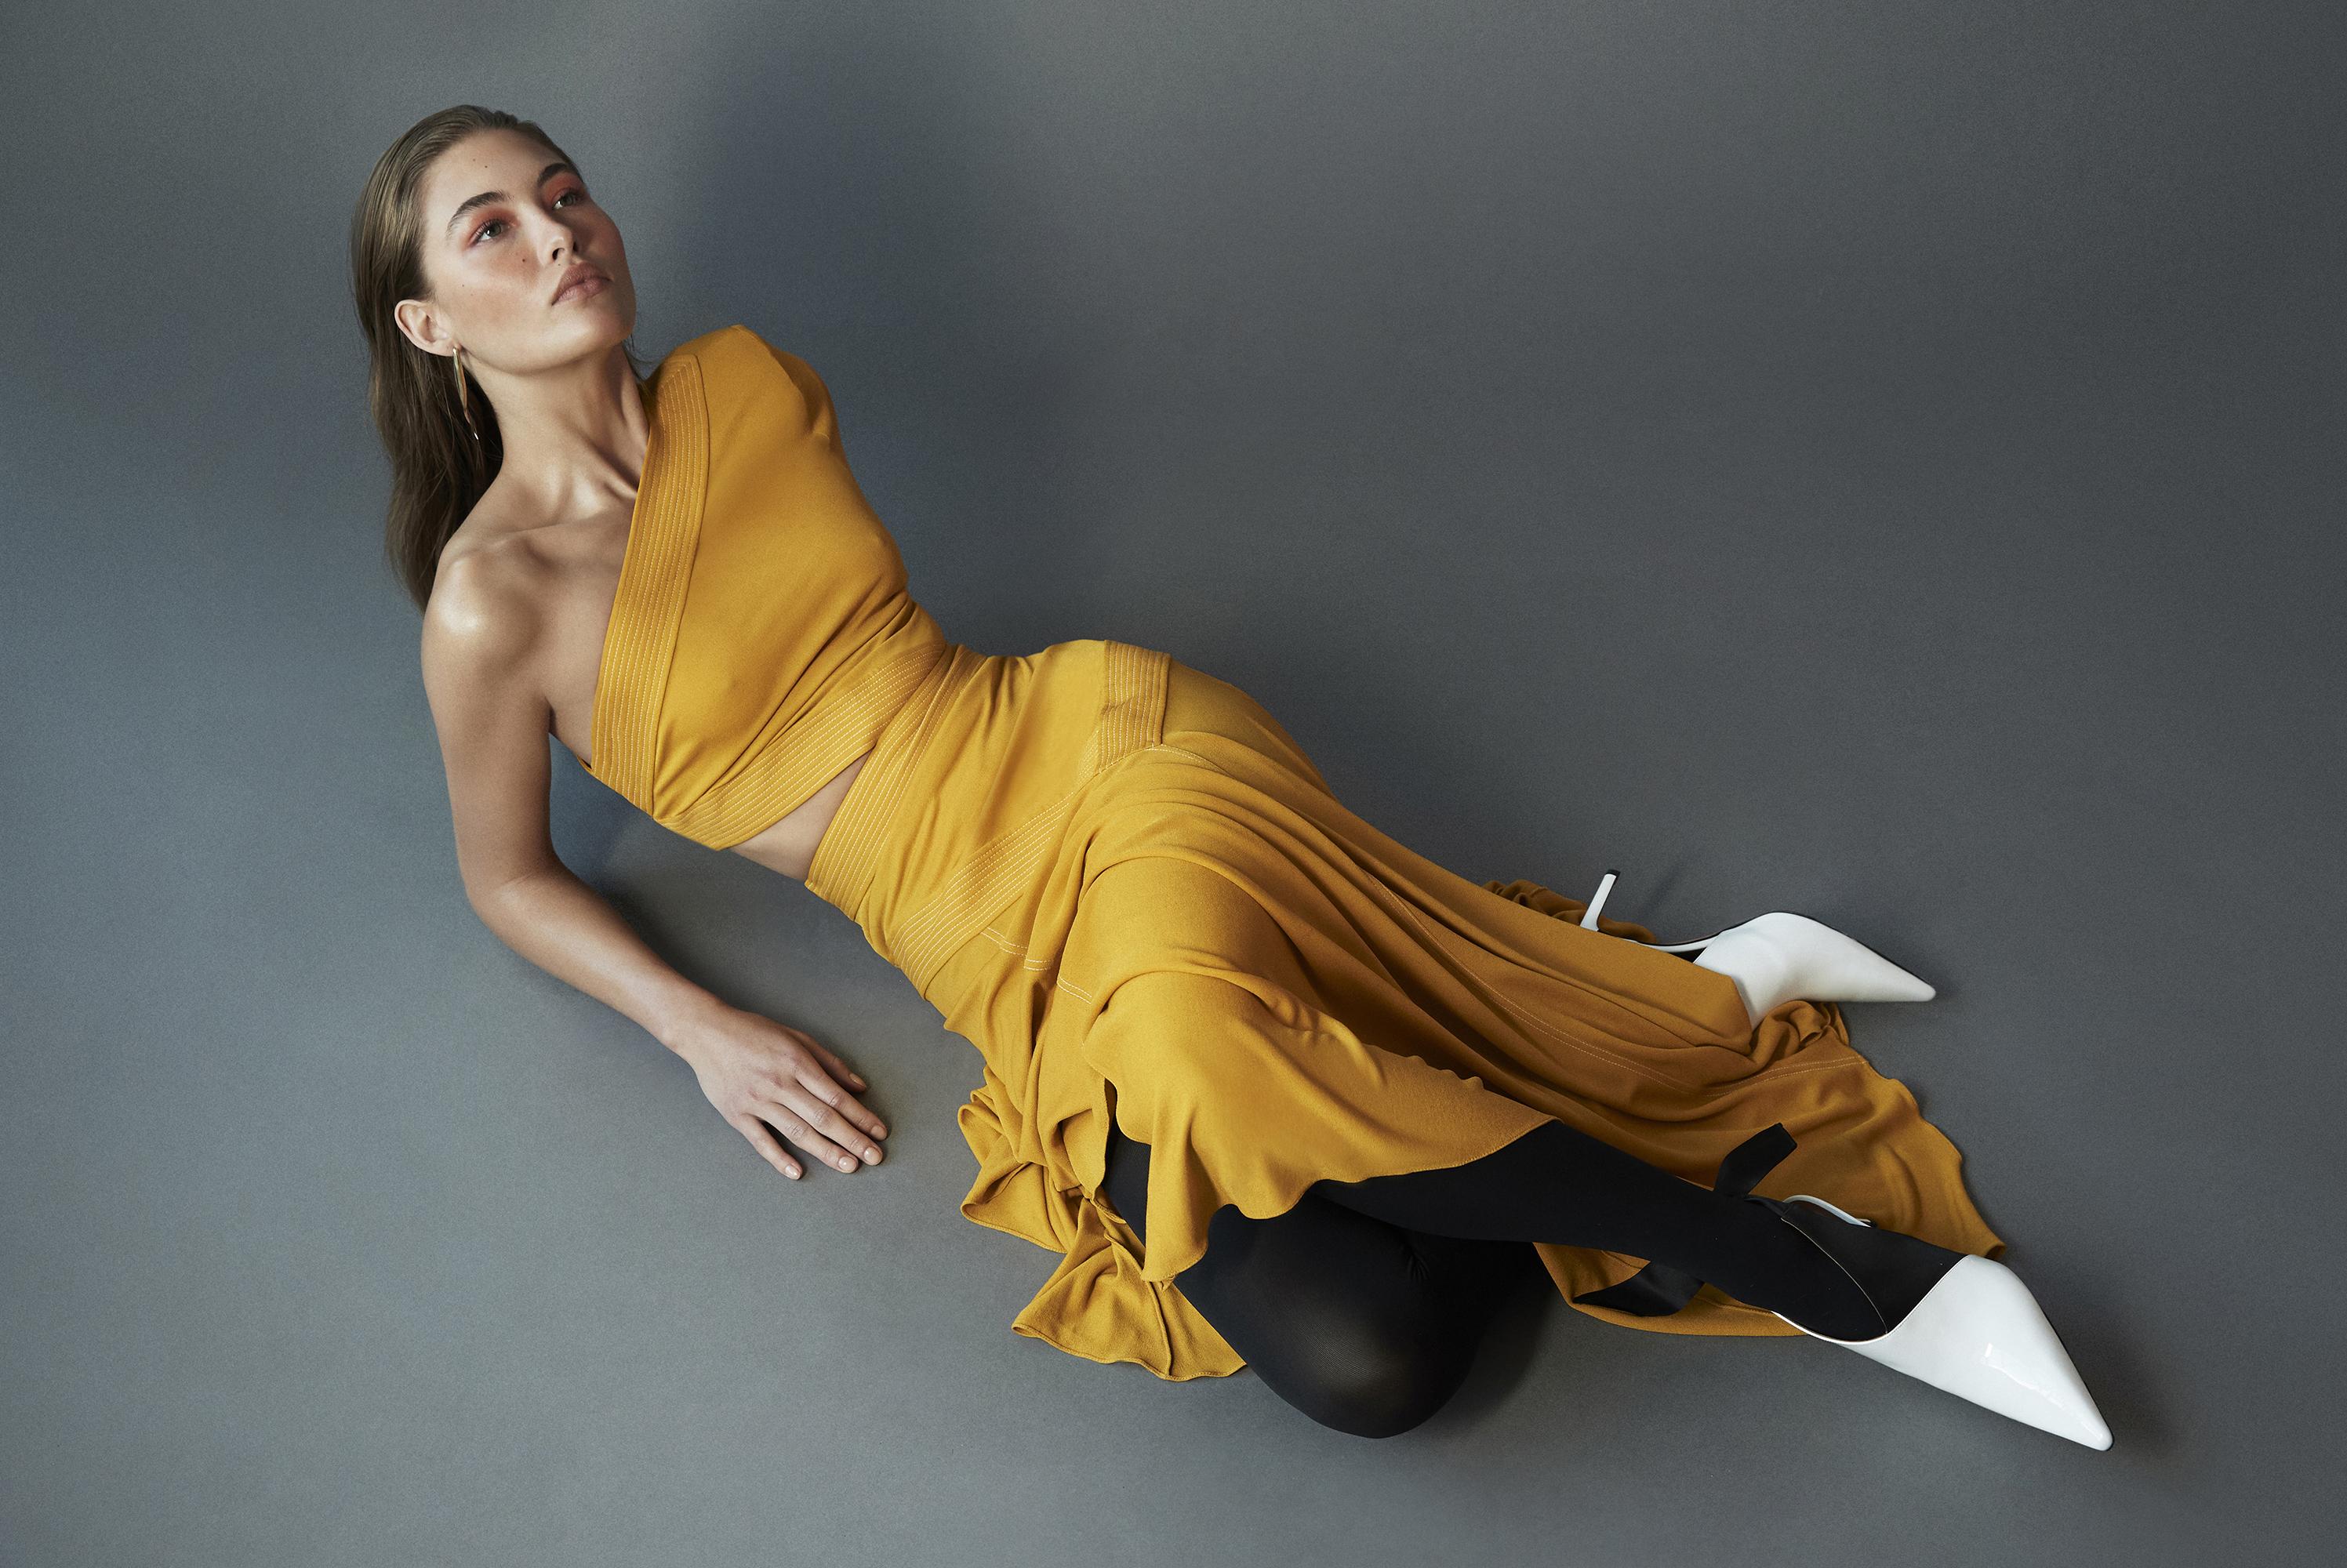 937c472ee7a9 Grace Elizabeth Models The Season s Standout Pieces